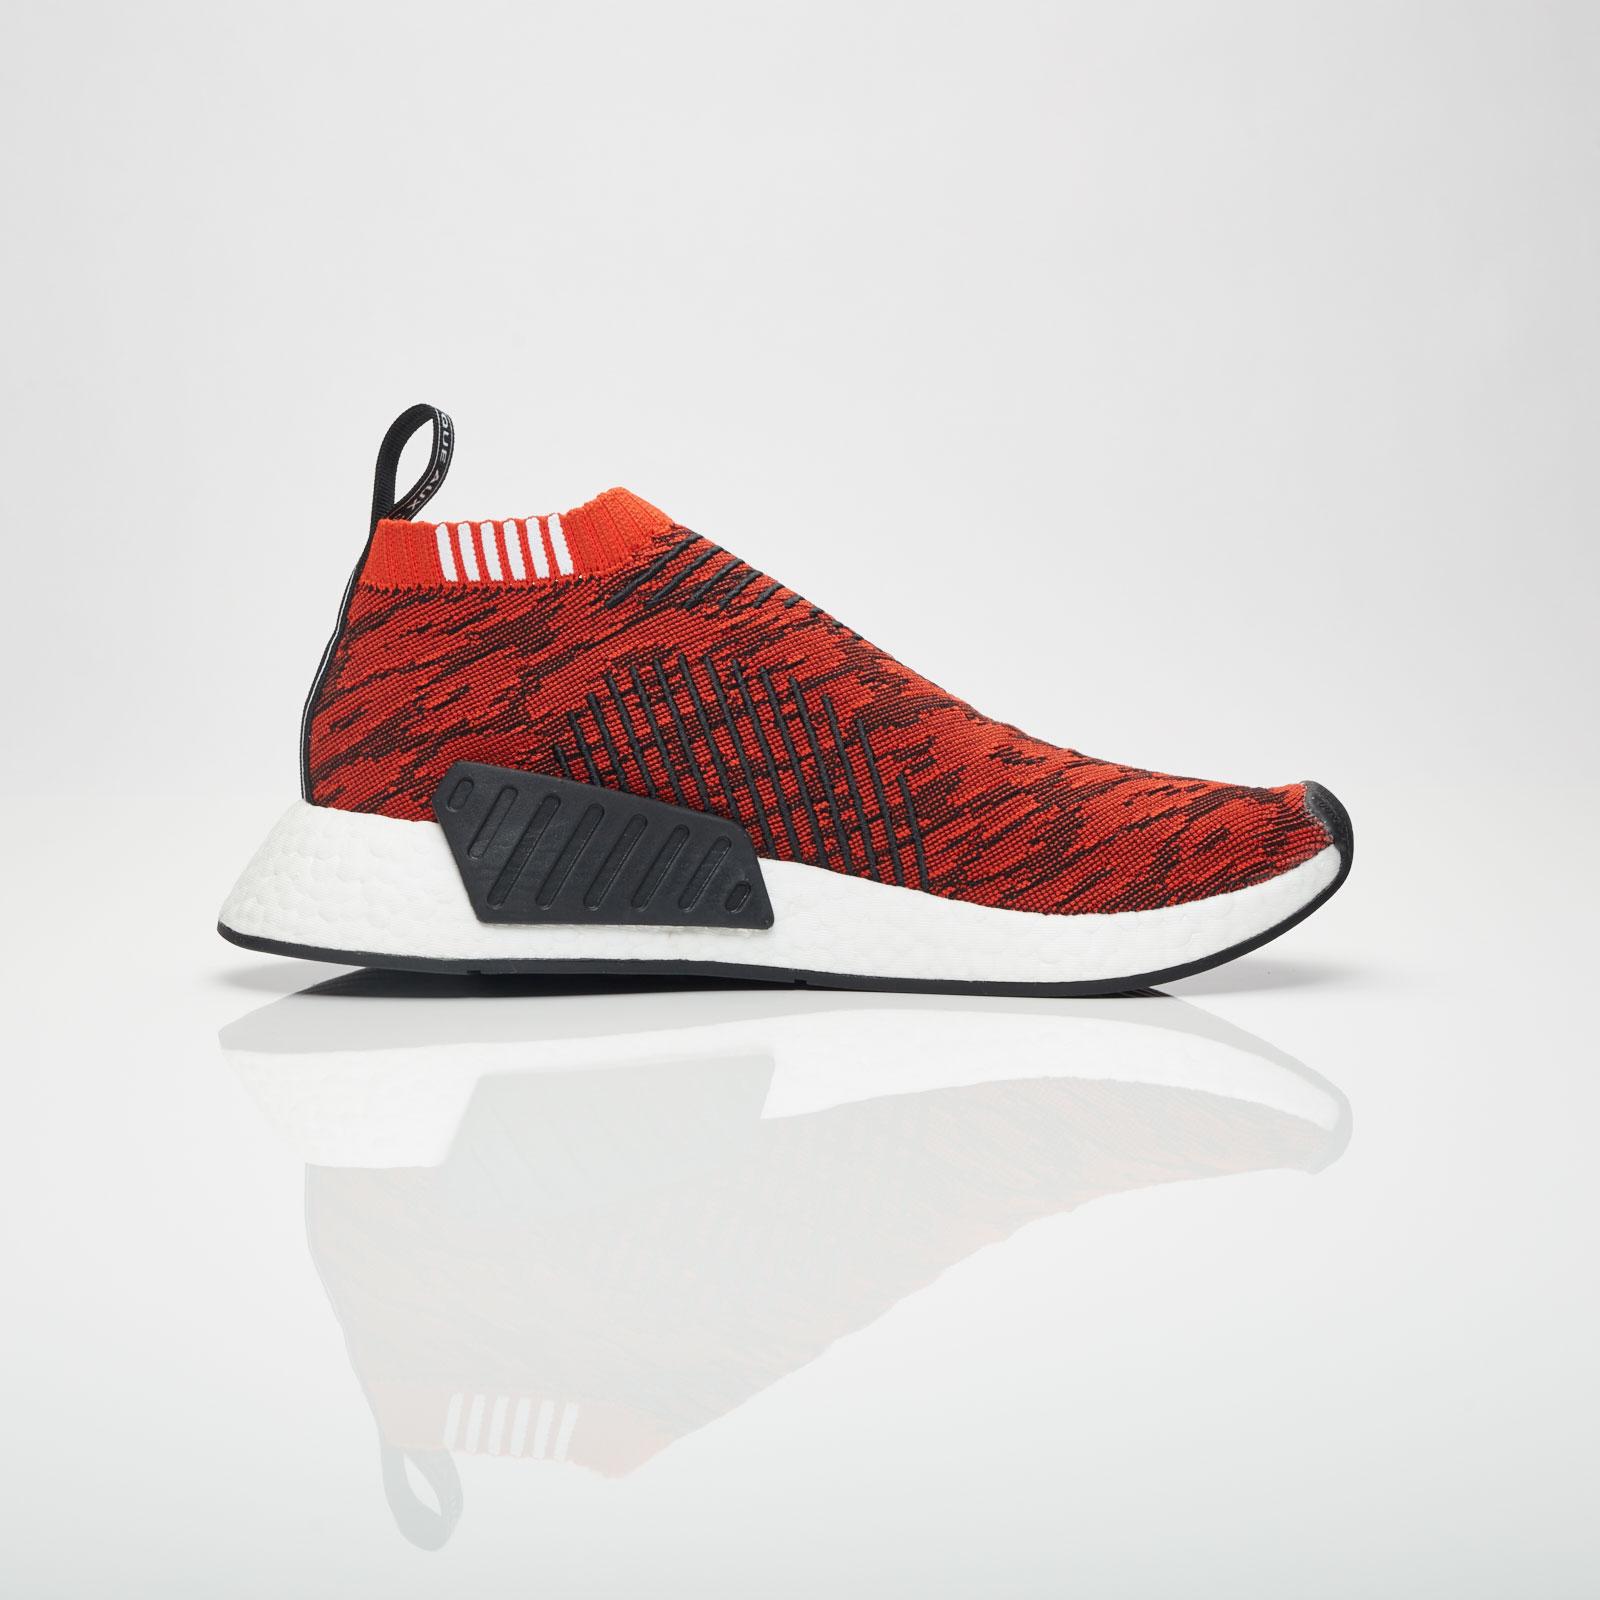 new styles 4c2a2 a8a25 ... adidas Originals NMD CS2 PK ...